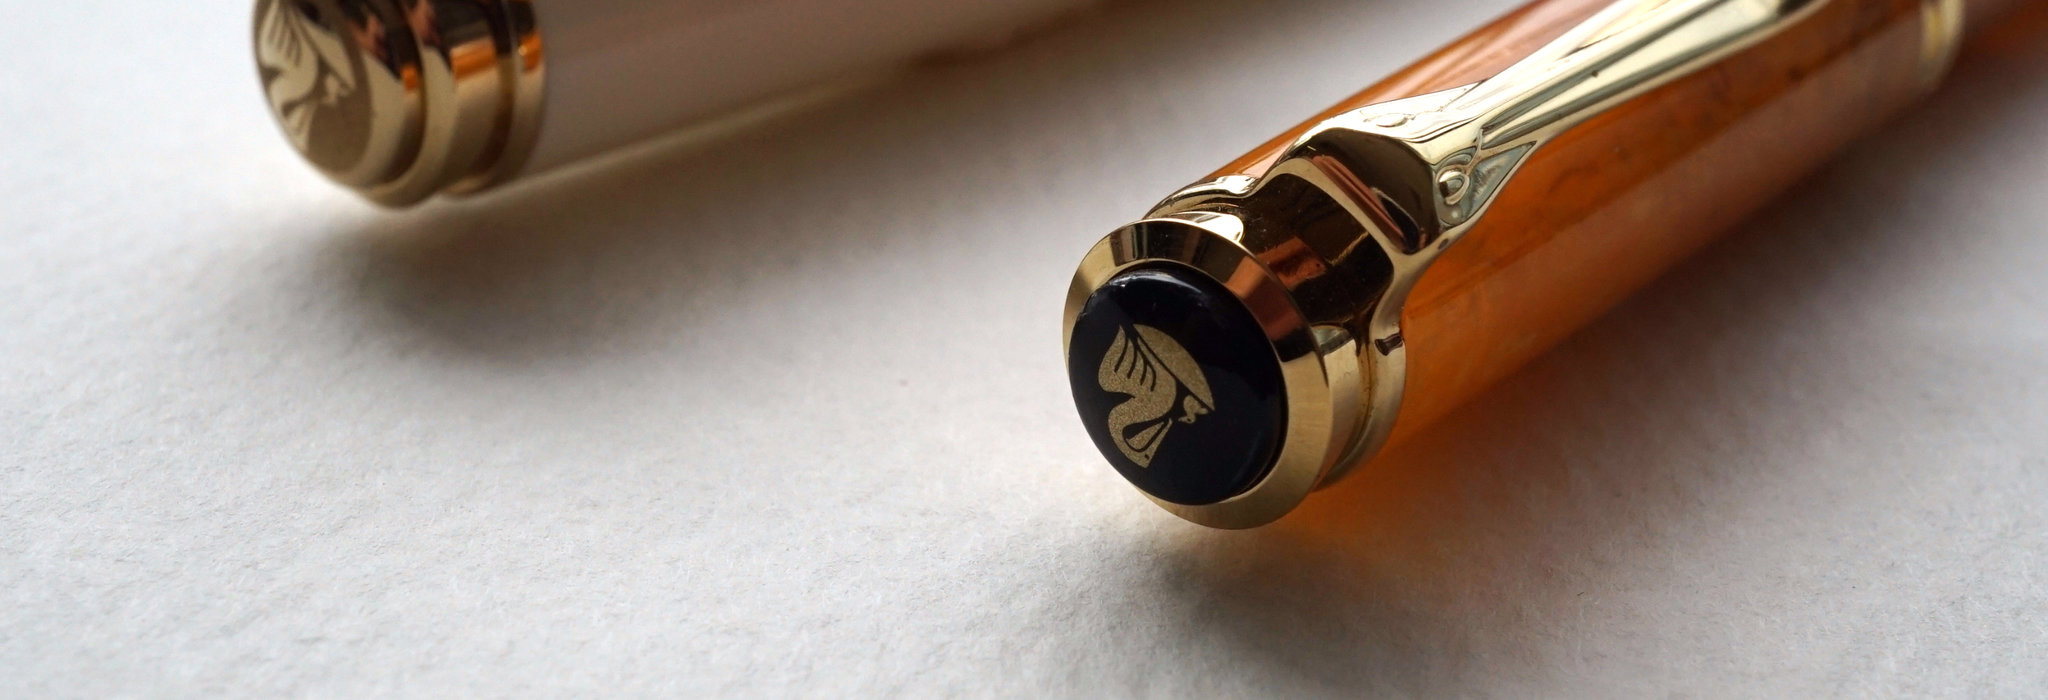 色の持つパワーを実感する万年筆。PELIKAN(ペリカン)スーベレーンM320、M600。_image